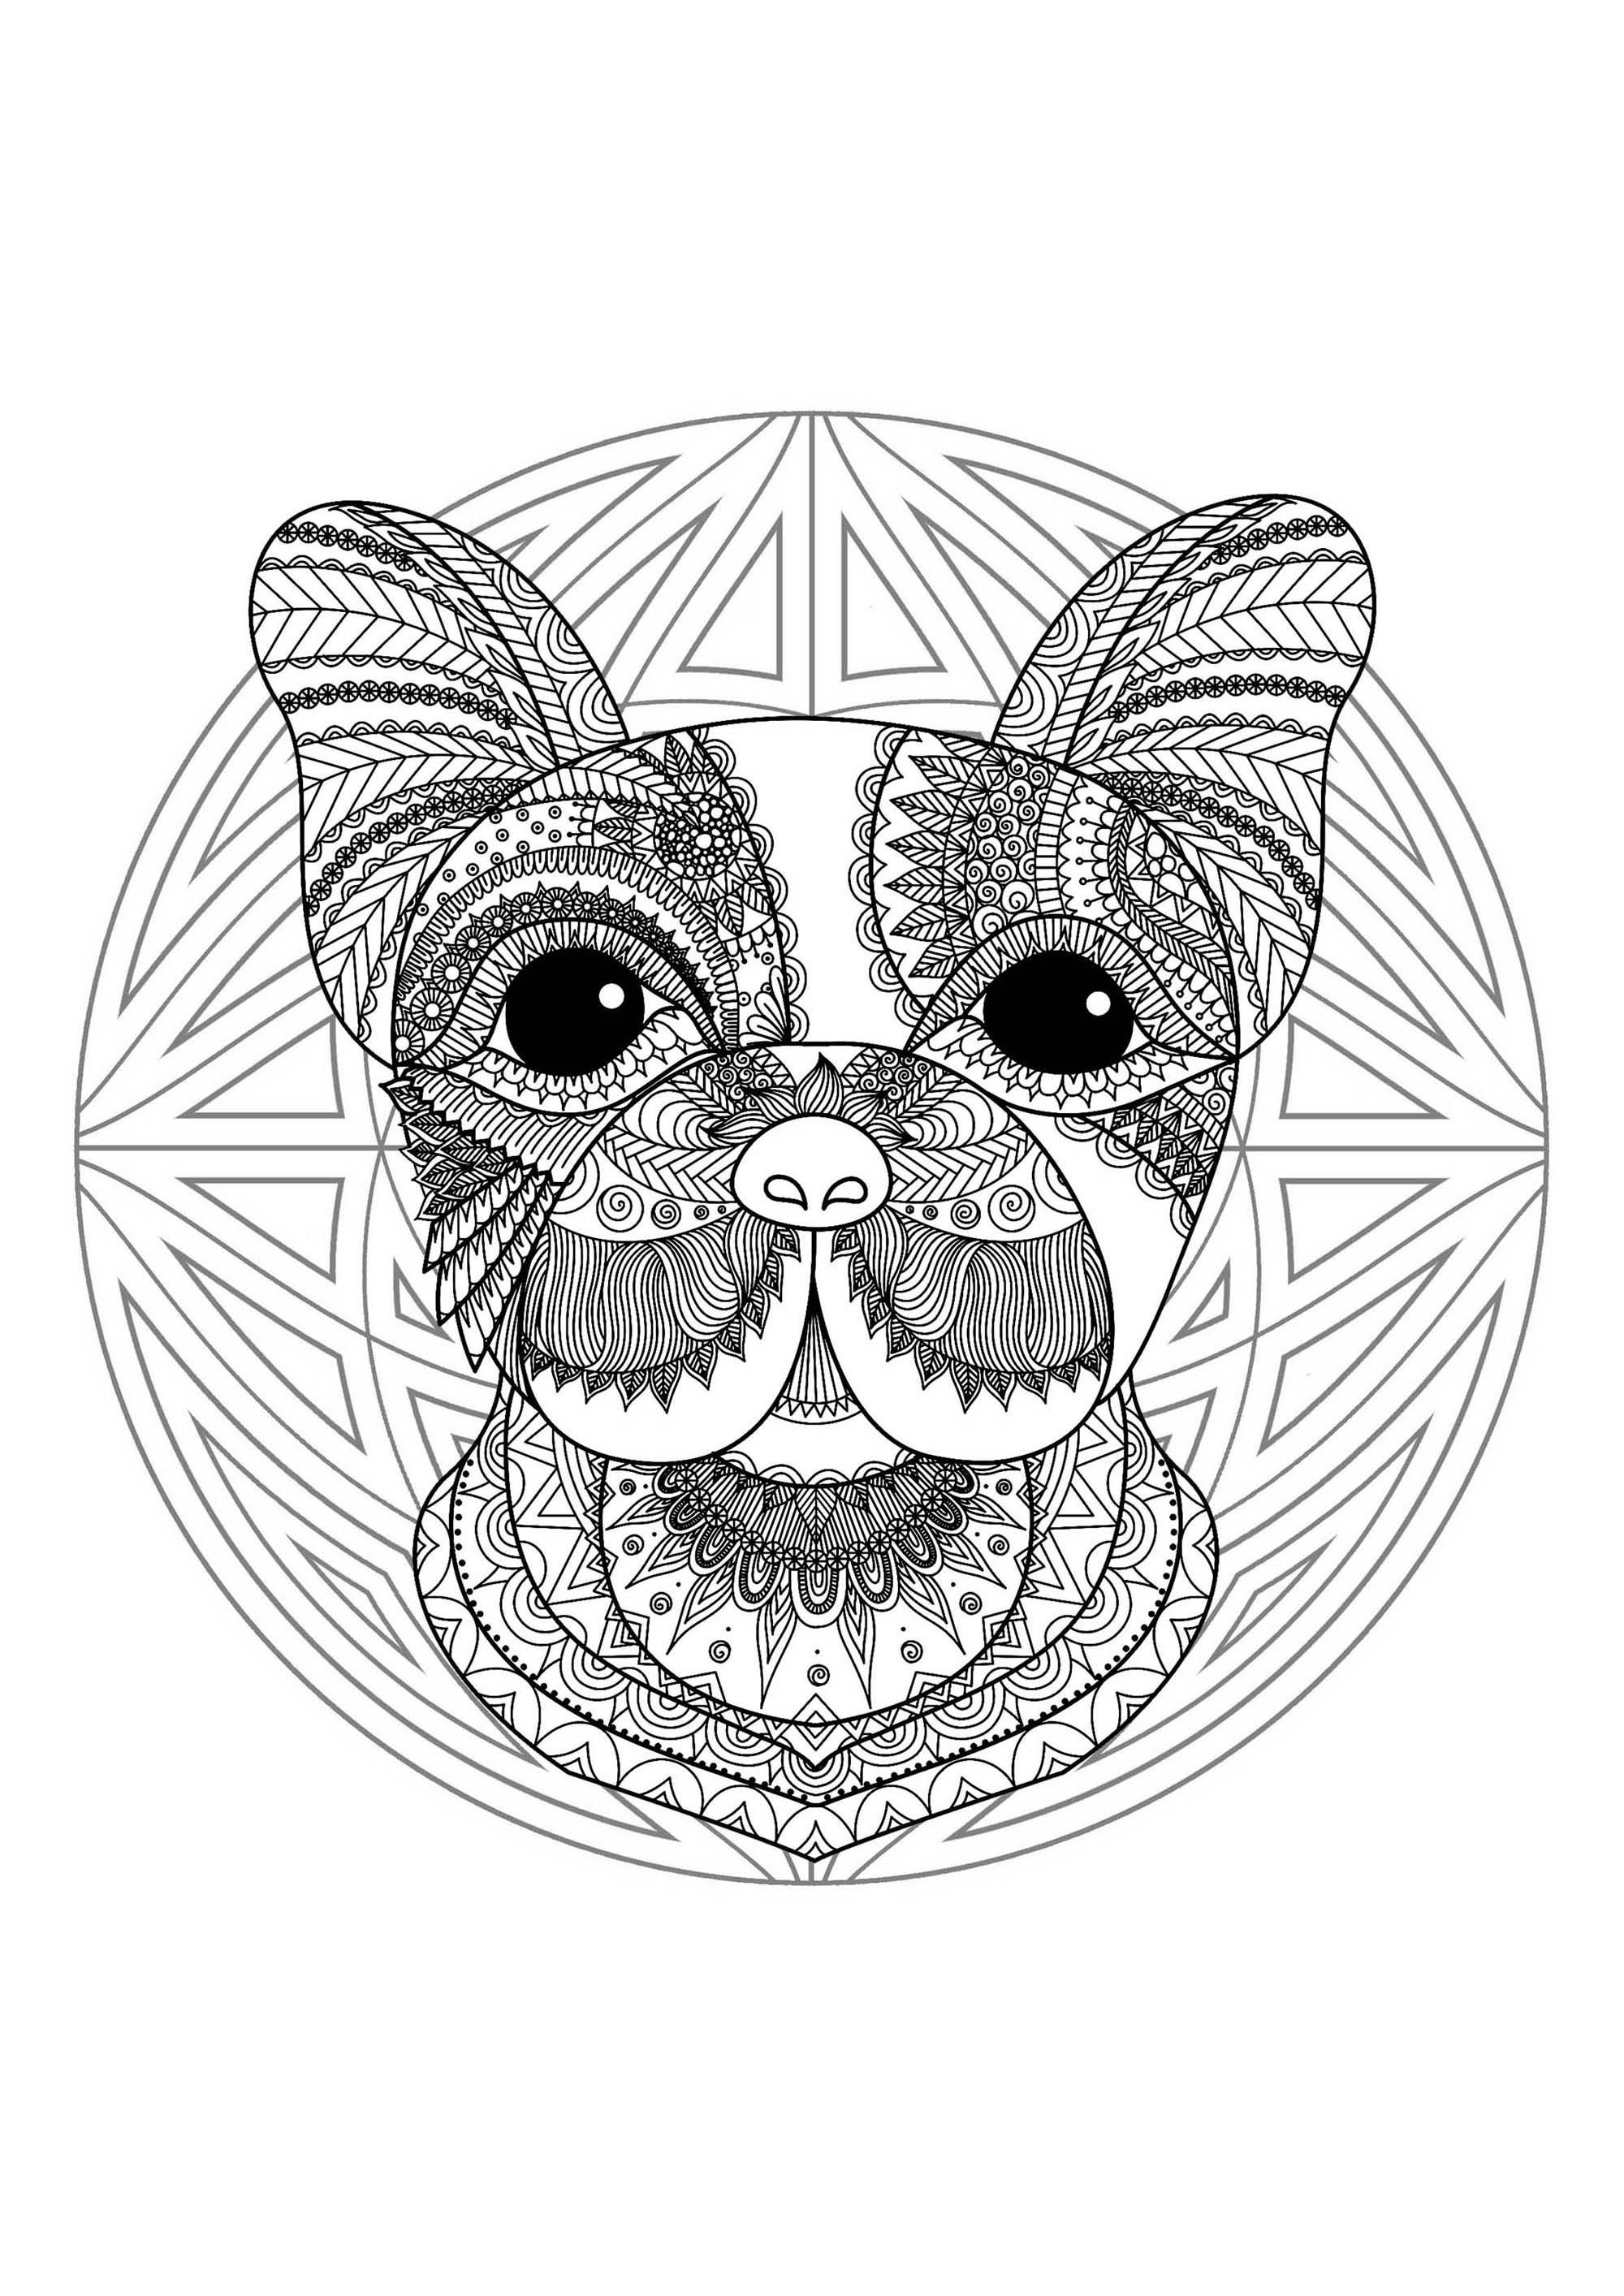 Mandala tete chien 2 mandalas coloriages difficiles pour adultes - Coloriage de chiot a imprimer ...